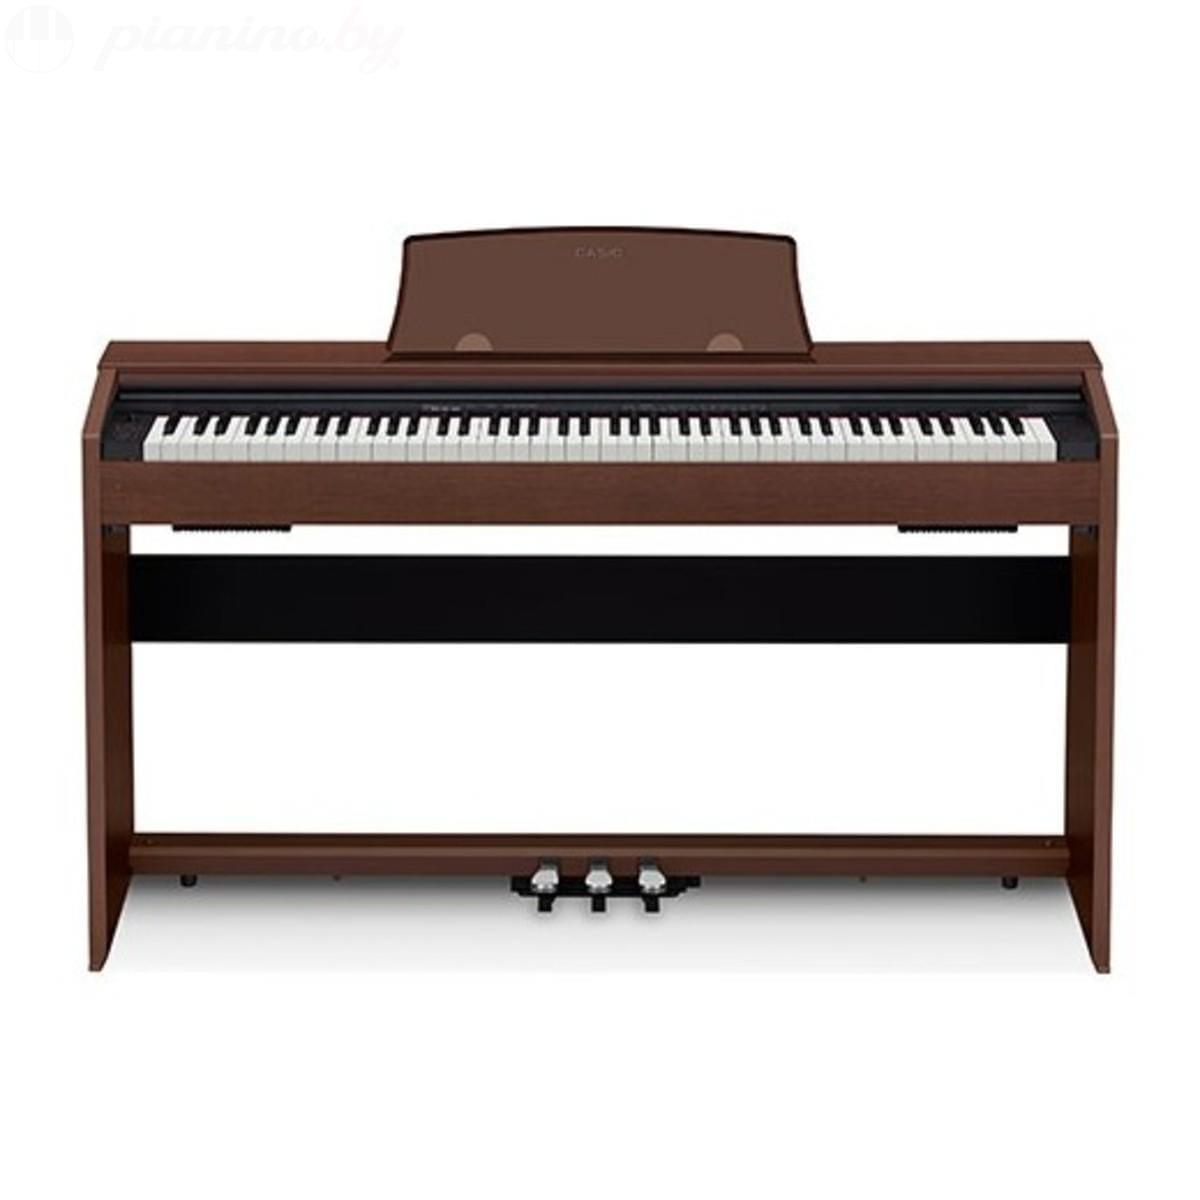 Цифровое пианино Casio Privia PX-770 Brown Фото 2